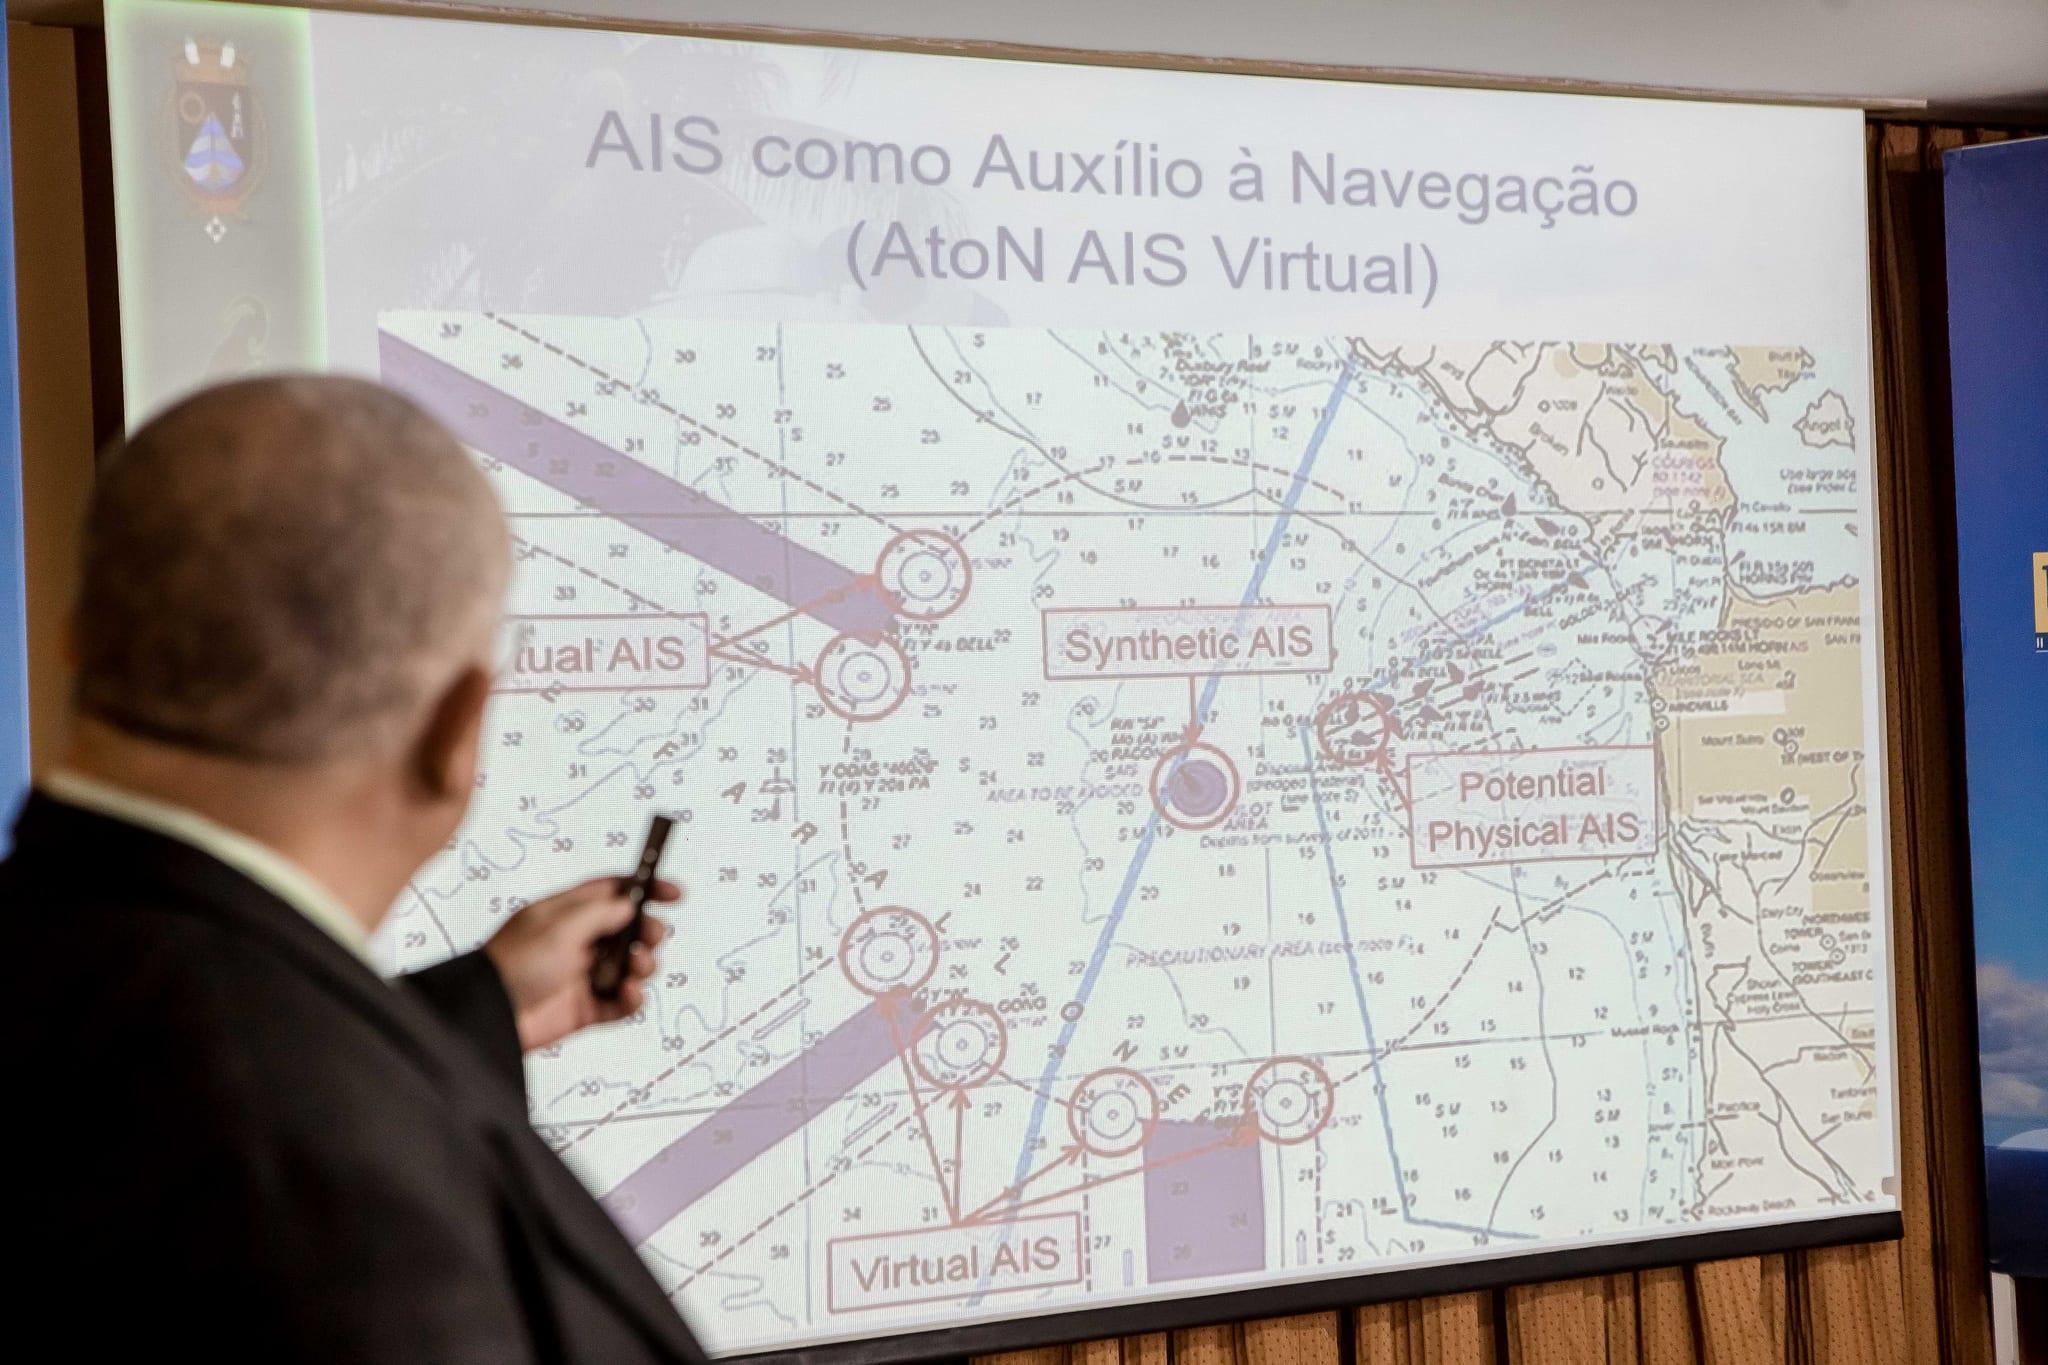 AIS como Auxílio à Navegação (AtoN AIS Virtual)